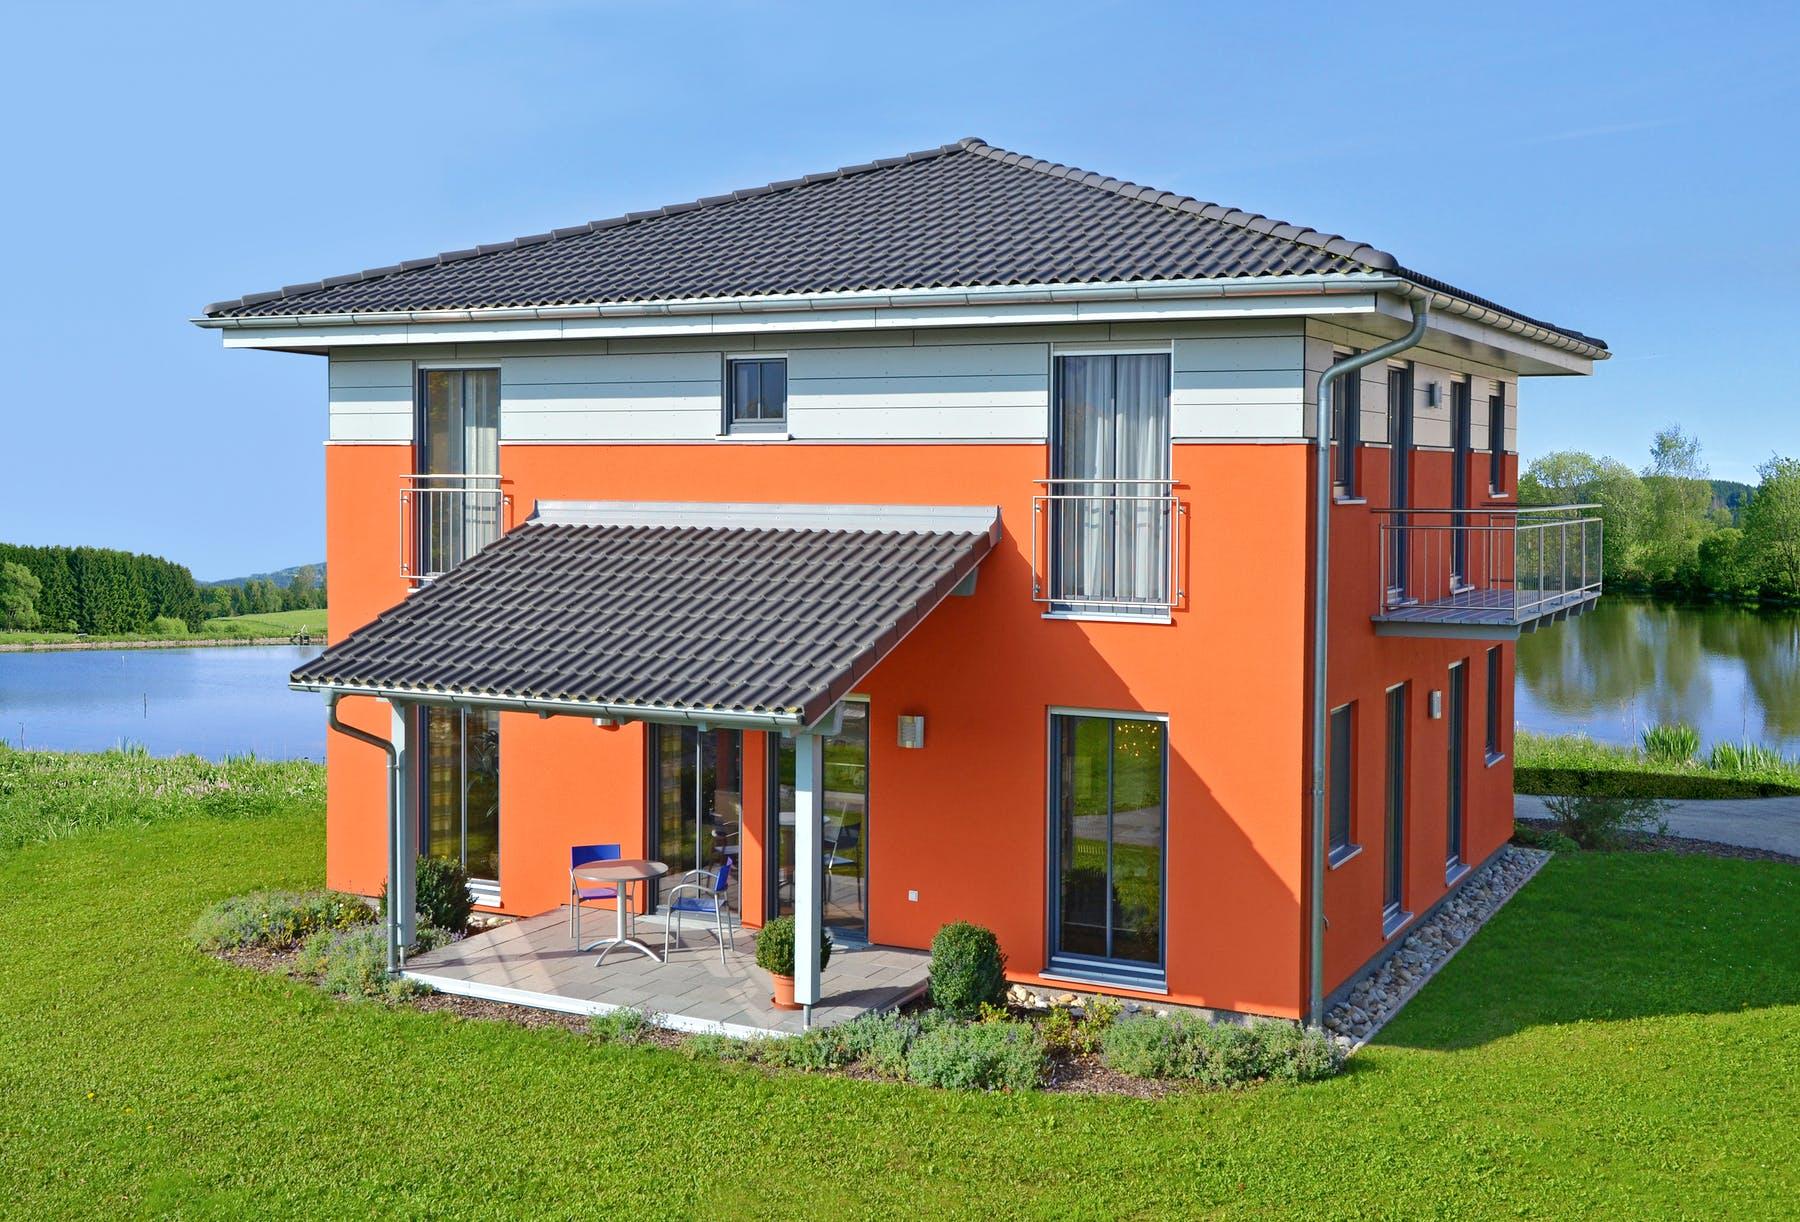 Oranges Haus mit grauem Zeltdach, Außenansicht